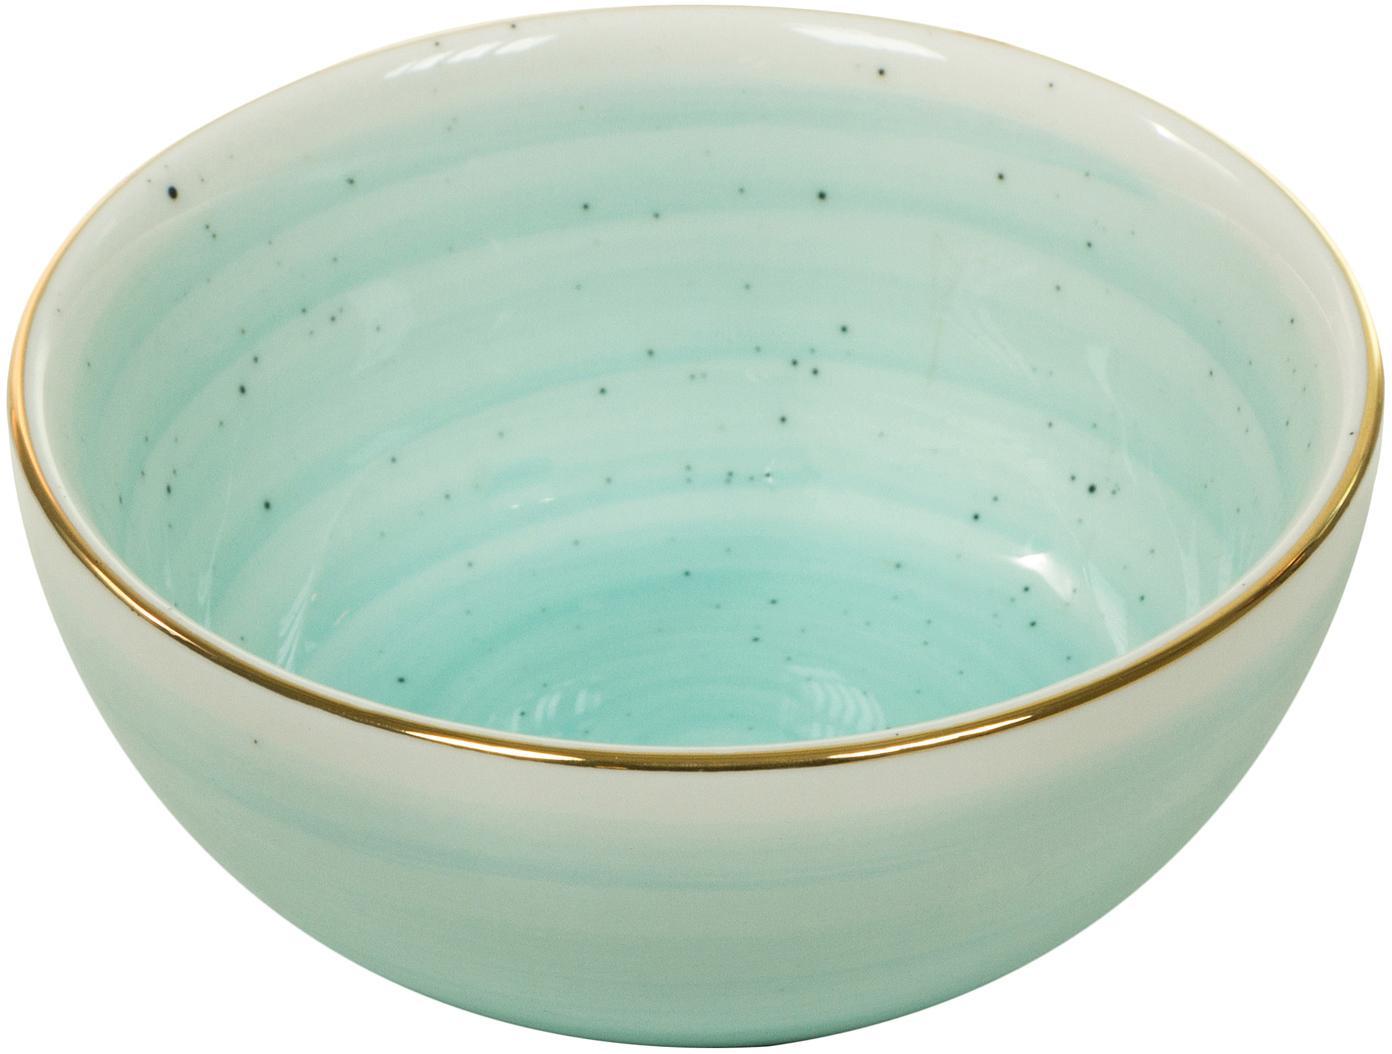 Ręcznie wykonana miska Bol, 2 szt., Porcelana, Turkusowoniebieski, Ø 10 x W 6 cm